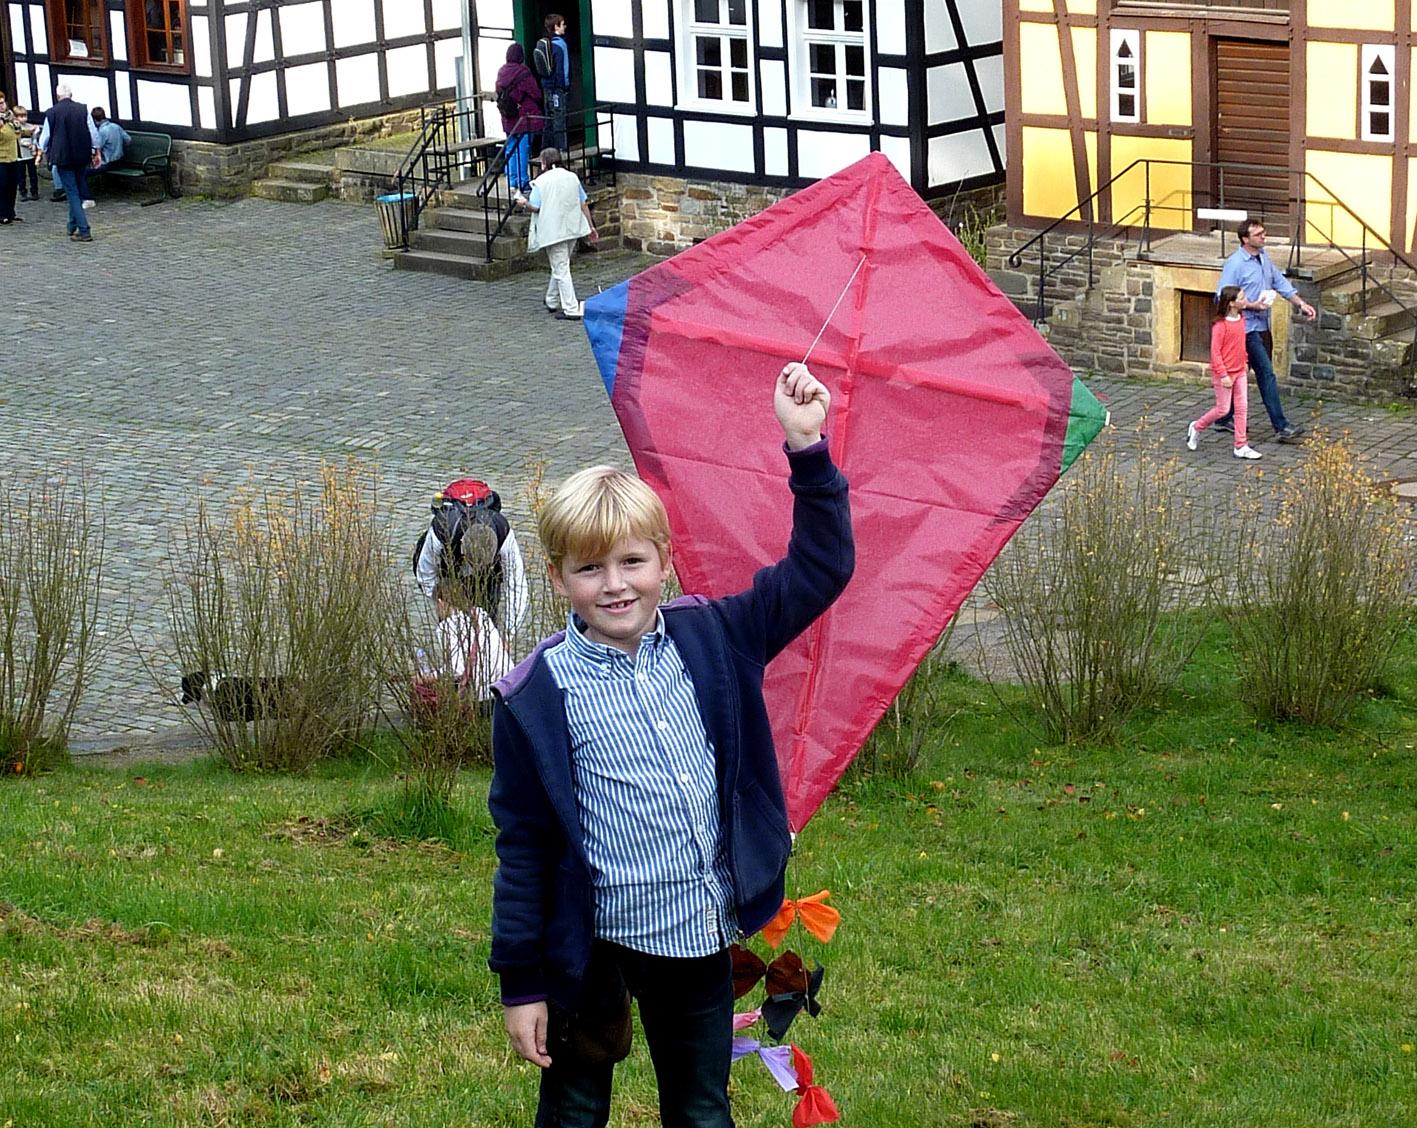 Bild zum Artikel: Drachenbau wie früher im LWL- Freilichtmuseum Hagen